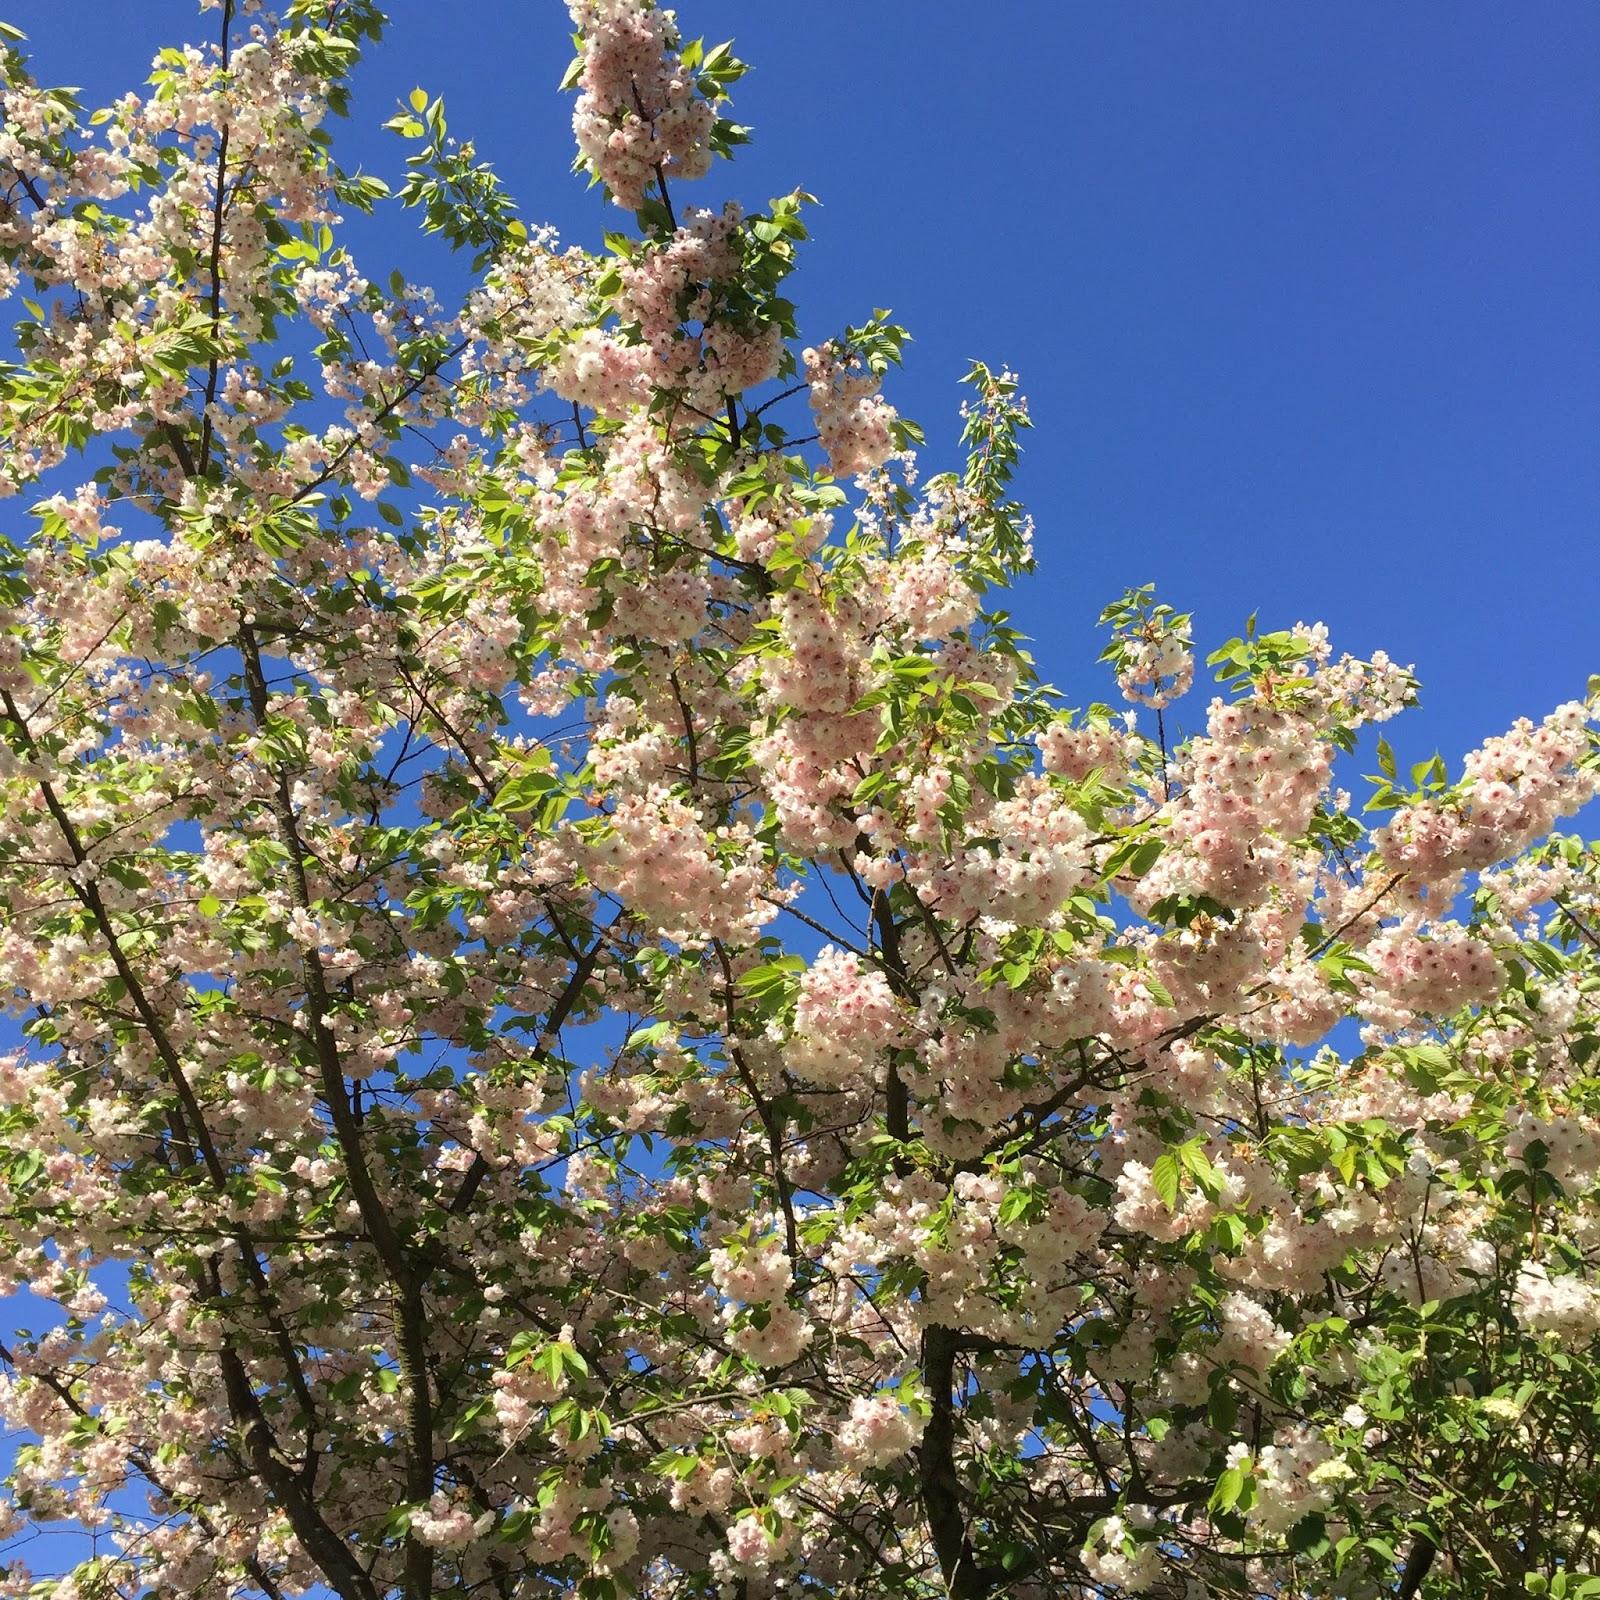 Regents park blossom